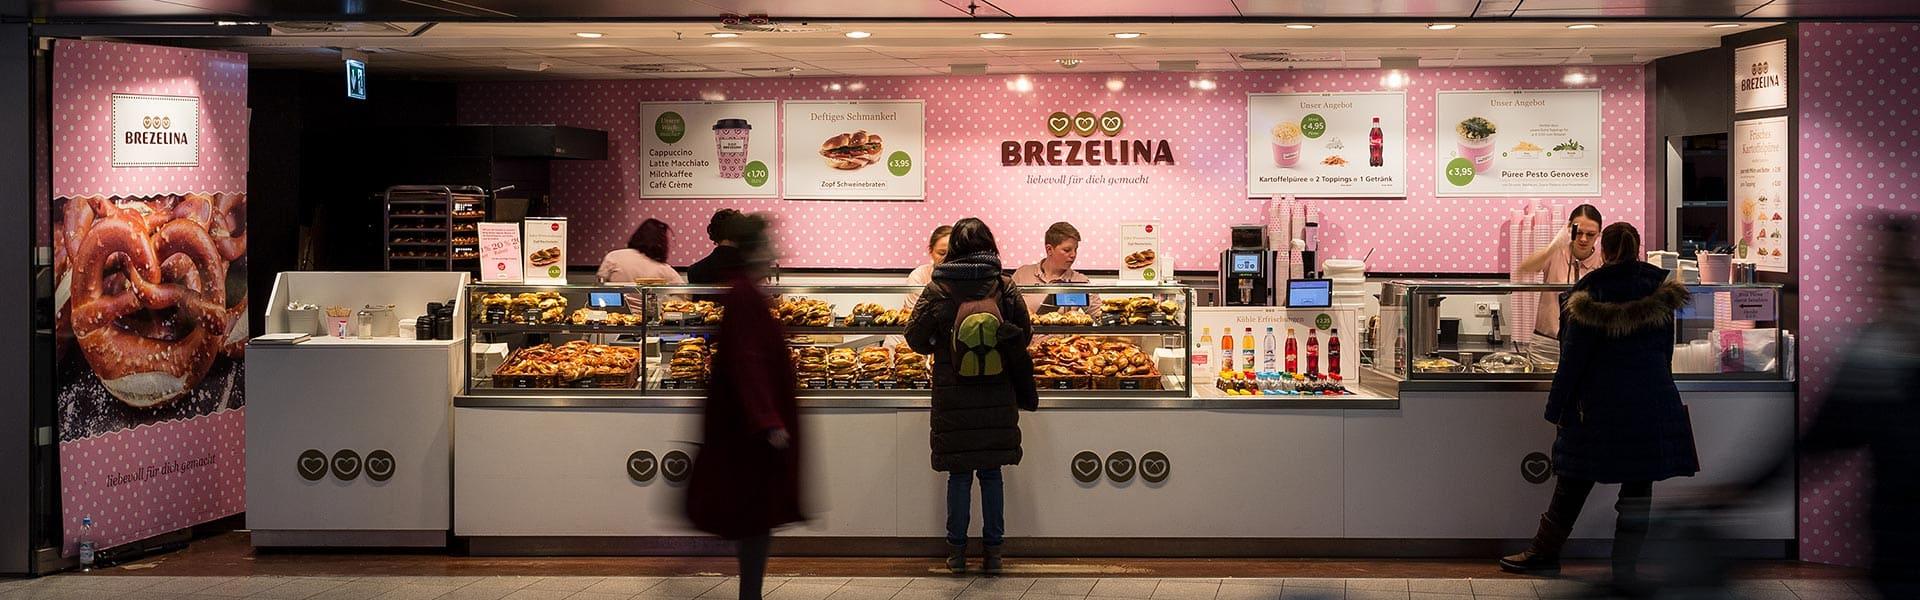 Brezelina München Filiale Marienplatz Beste Brezen Zöpfe Croissants Pürees